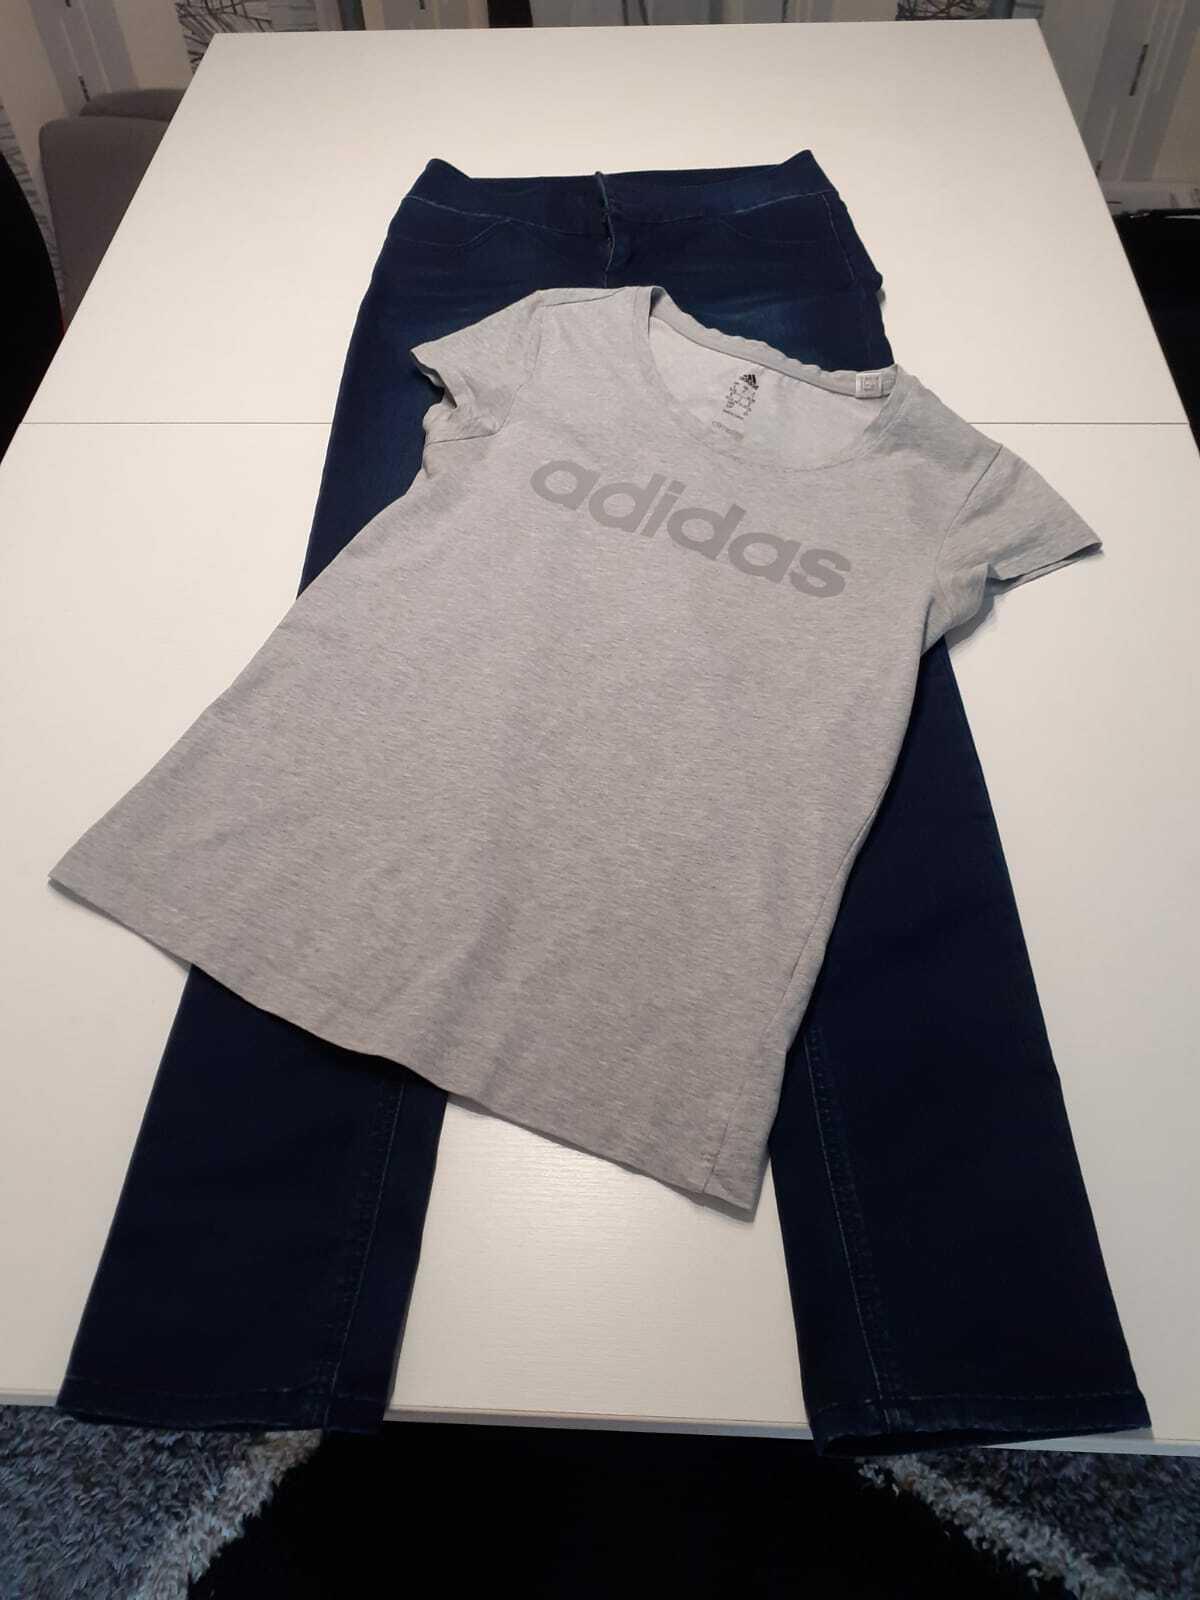 *** Damen Kleidung Set 2-teilig Jeans Gr. 36 und Adidas T-Shirt Gr. 34-36